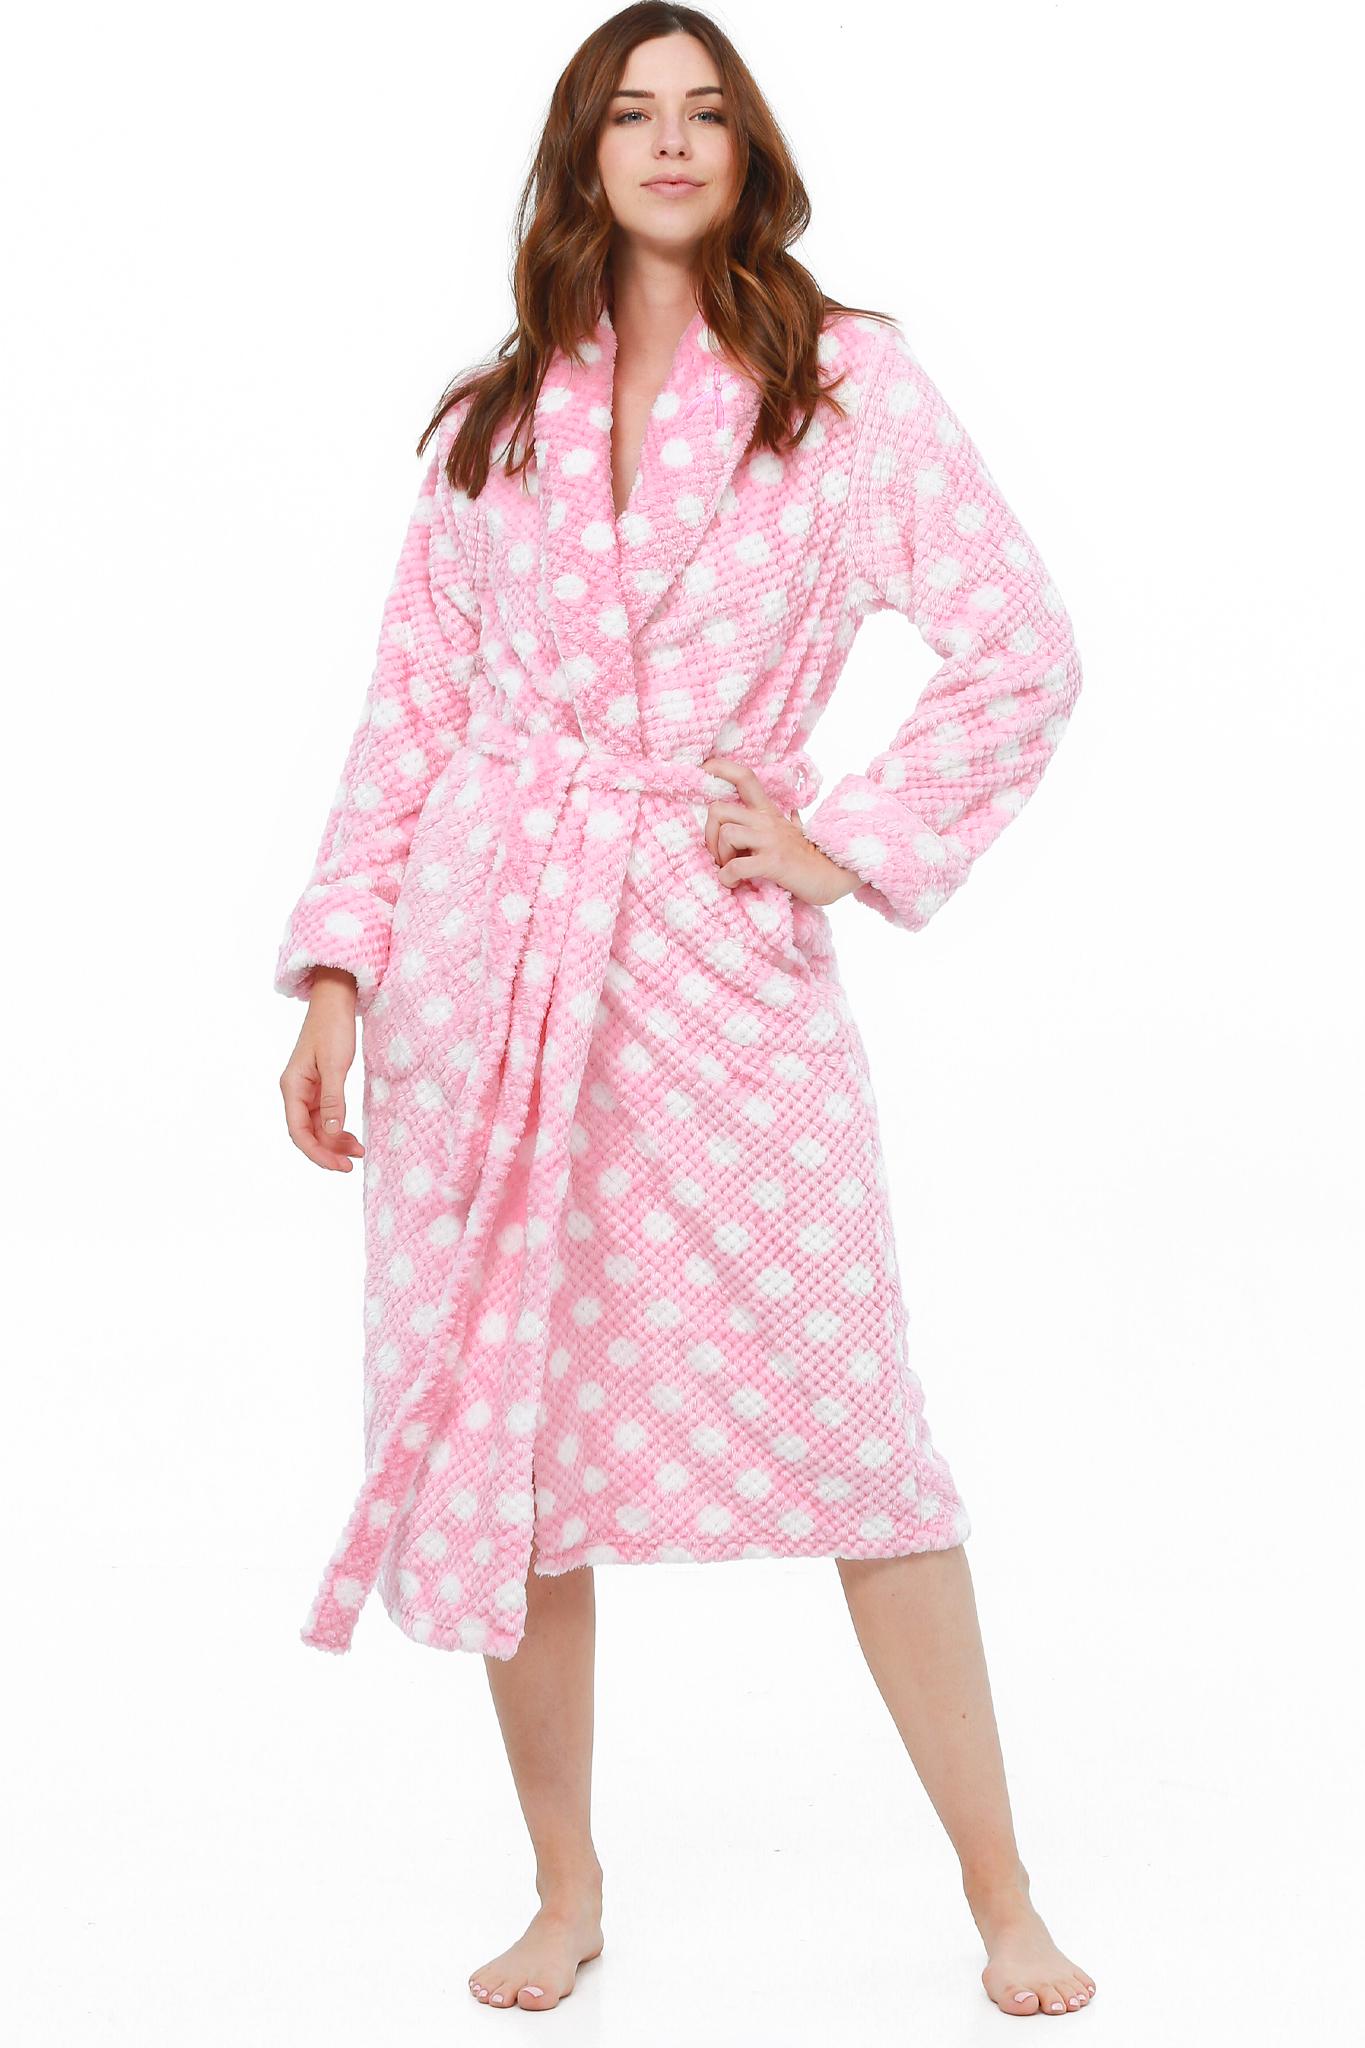 New em /& alfie Women/'s Patterned Plush Robe with Bonus Socks